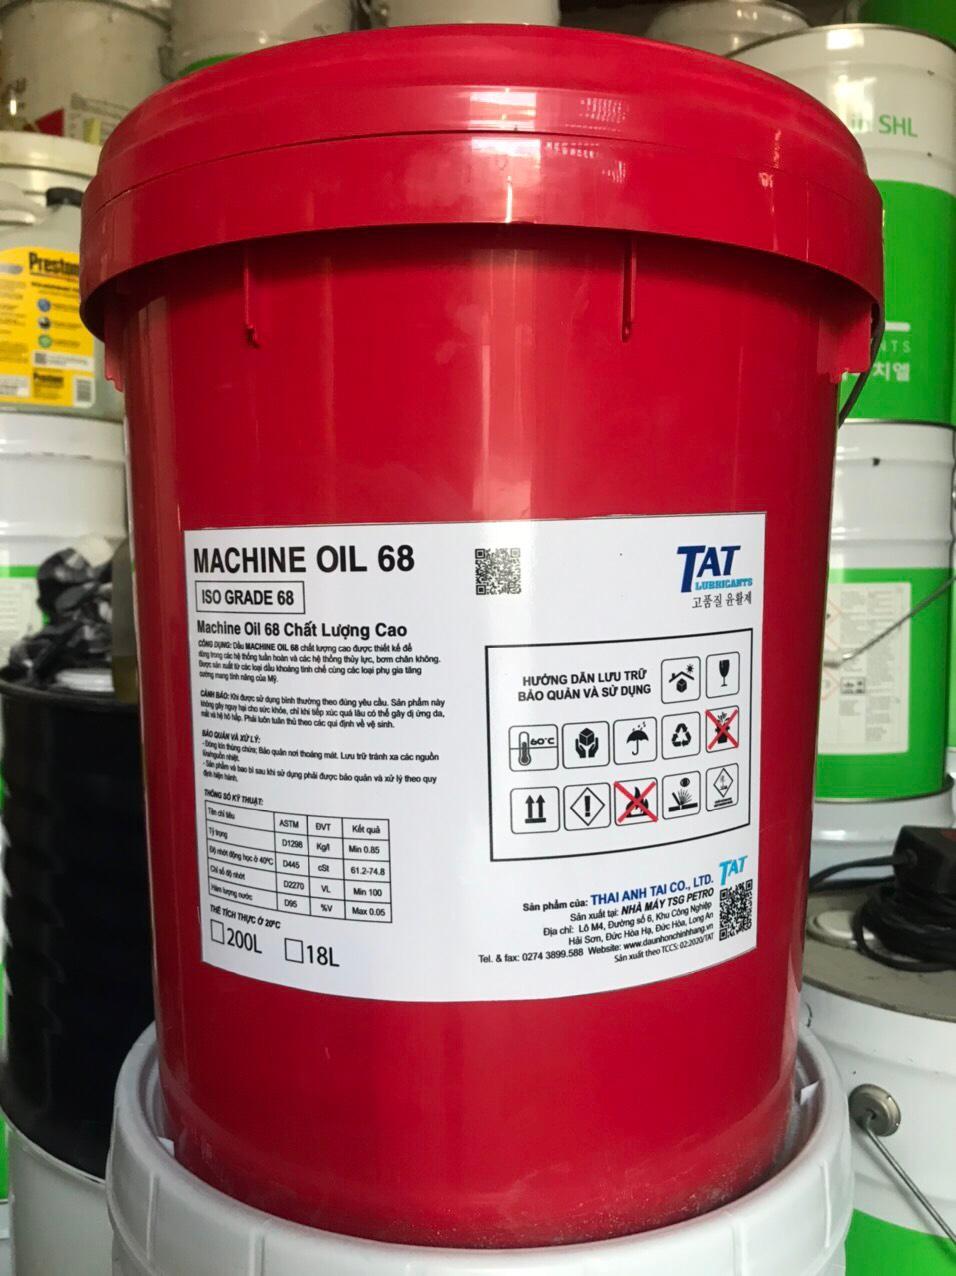 Dầu rãnh trượt TAT MACHINE OIL 68M